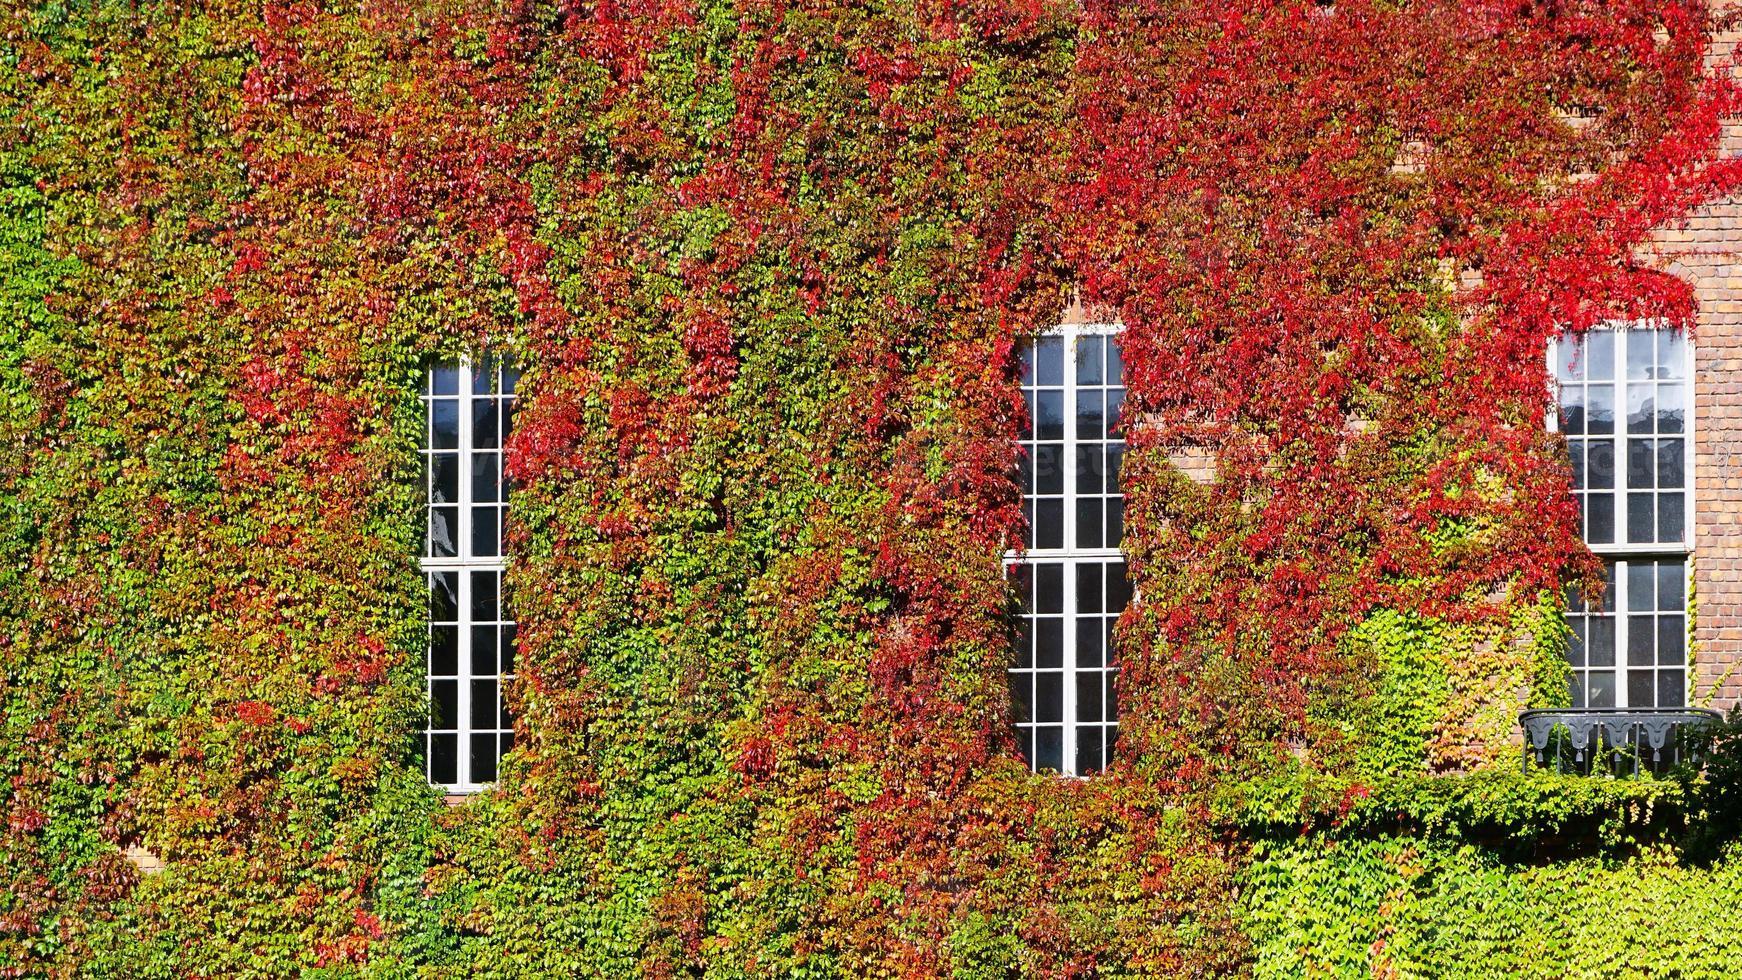 grön vägg horisontellt vid cityhall foto